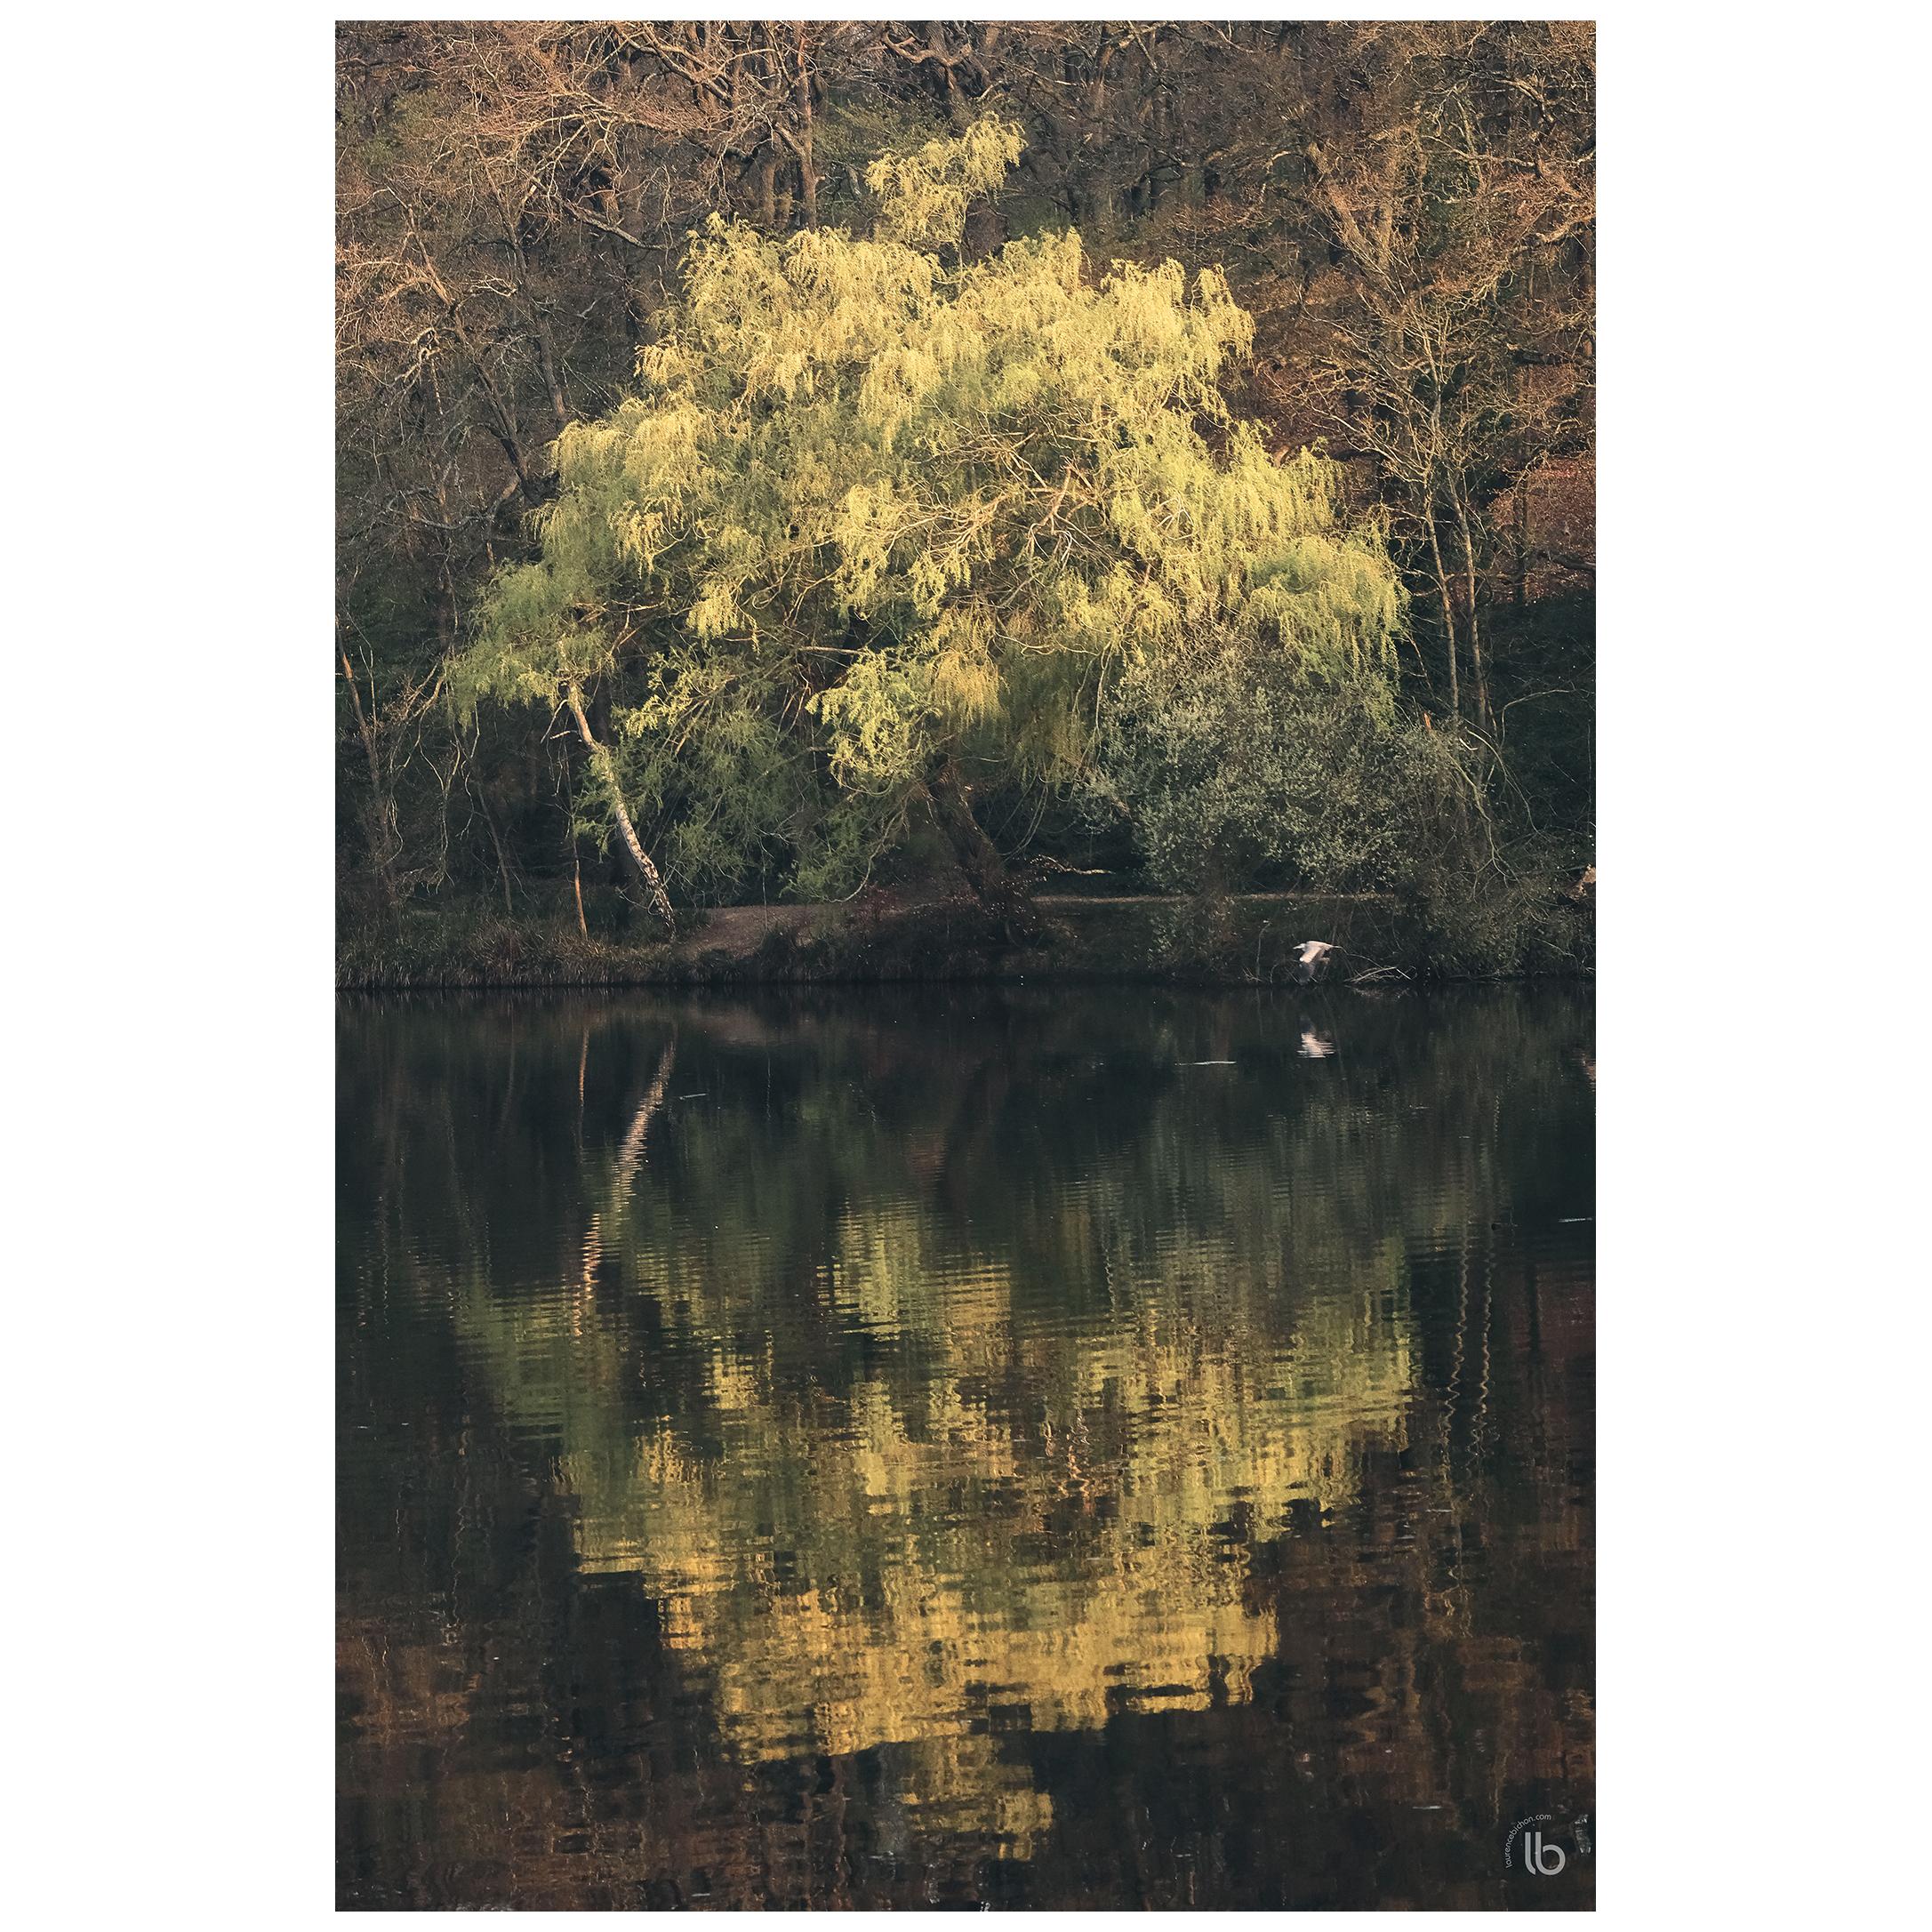 Lumière sur l'étang... - 20190328 - by laurence bichon photographe meudon